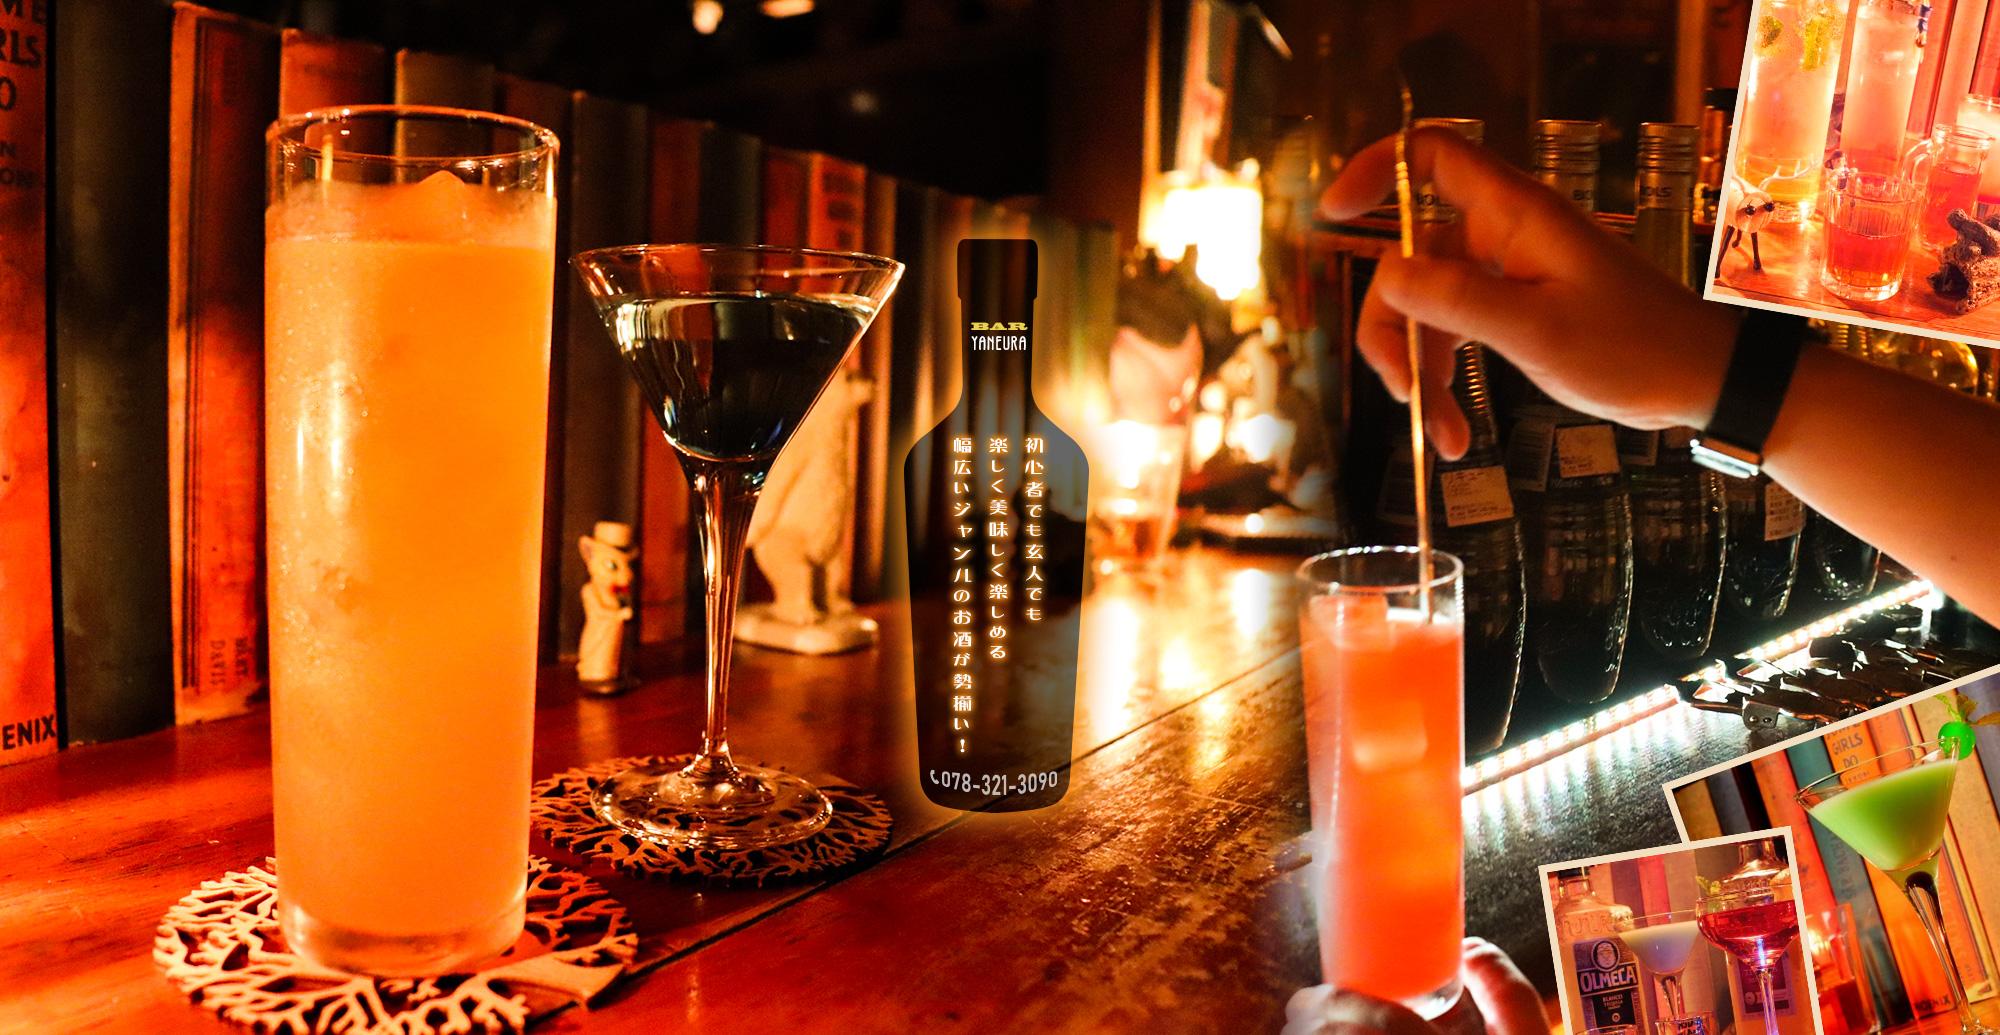 初心者でも玄人でも、楽しく美味しく楽しめる幅広いジャンルのお酒が勢揃い!